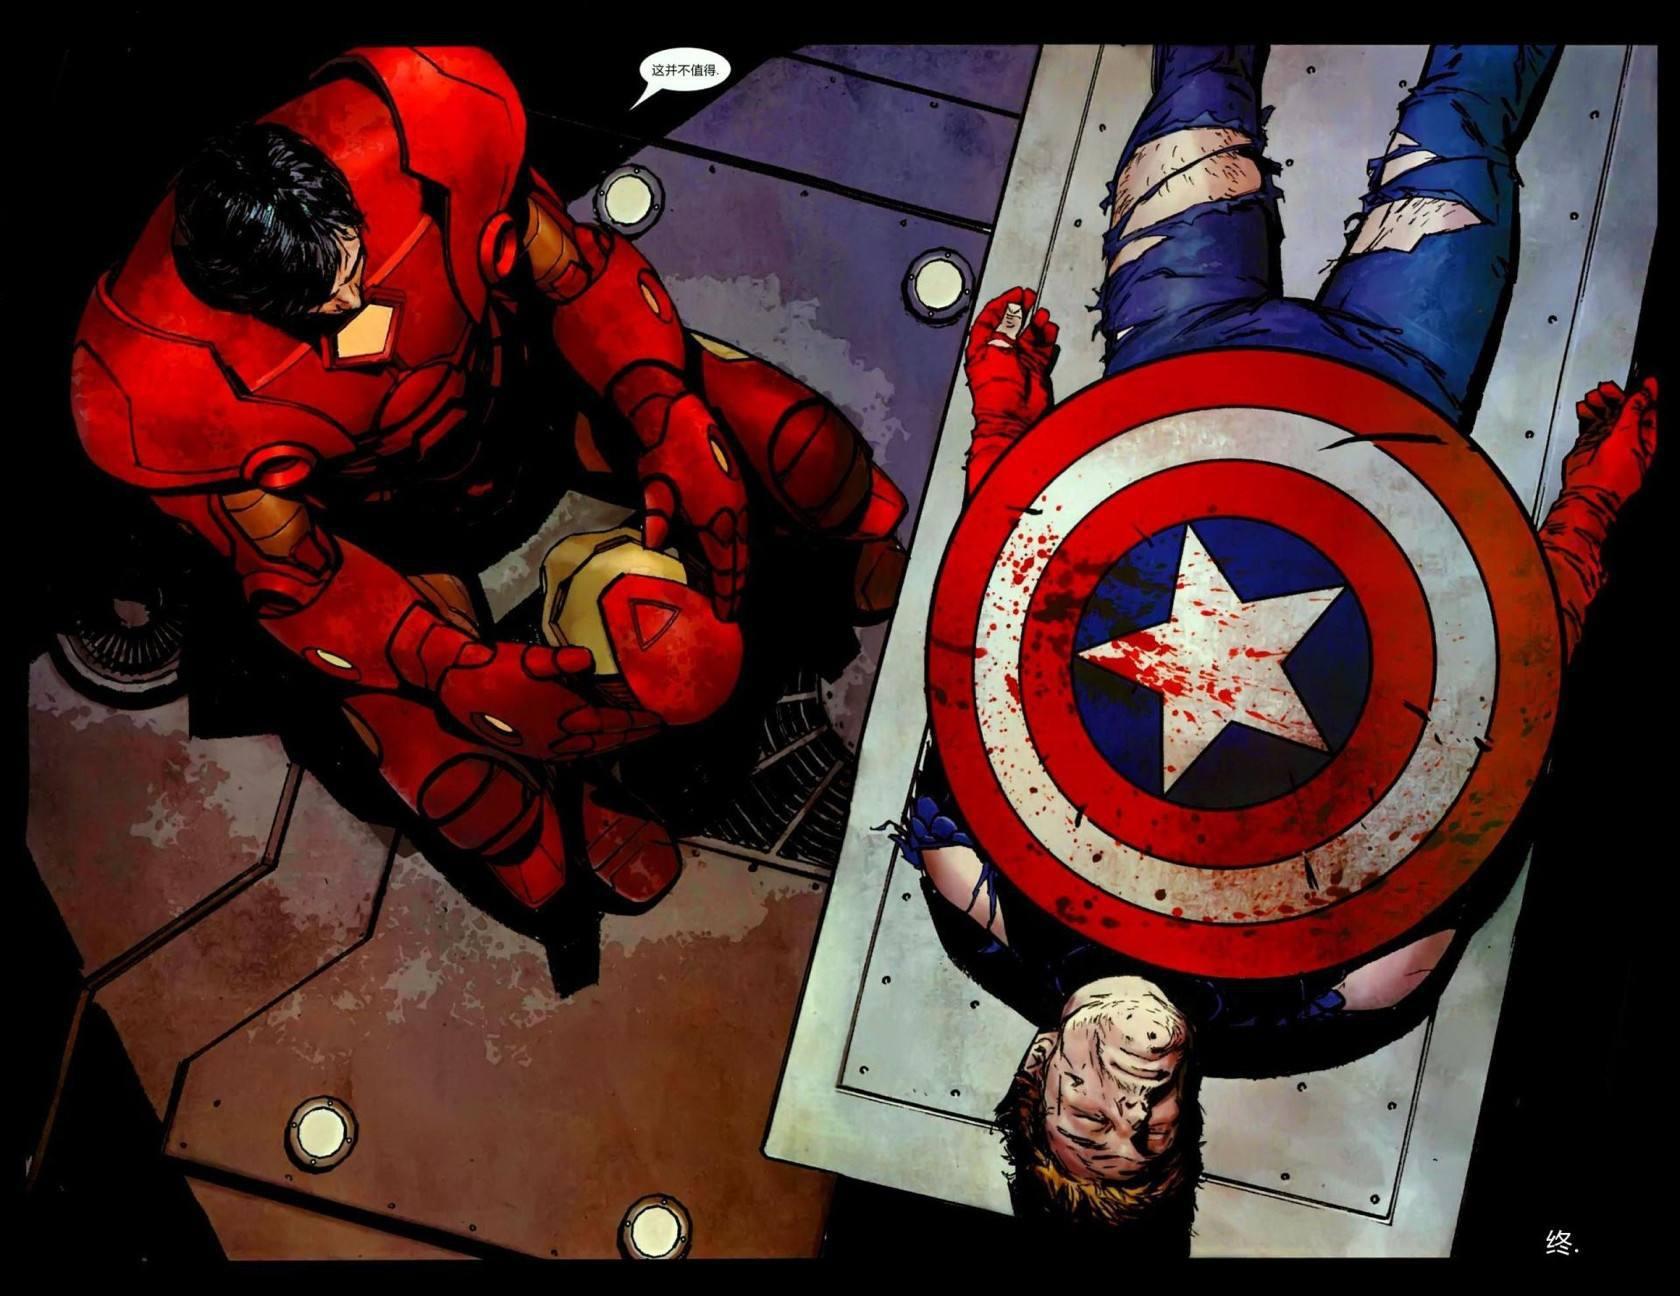 除了打响指,超级英雄们还有哪些奇怪的死去方式?